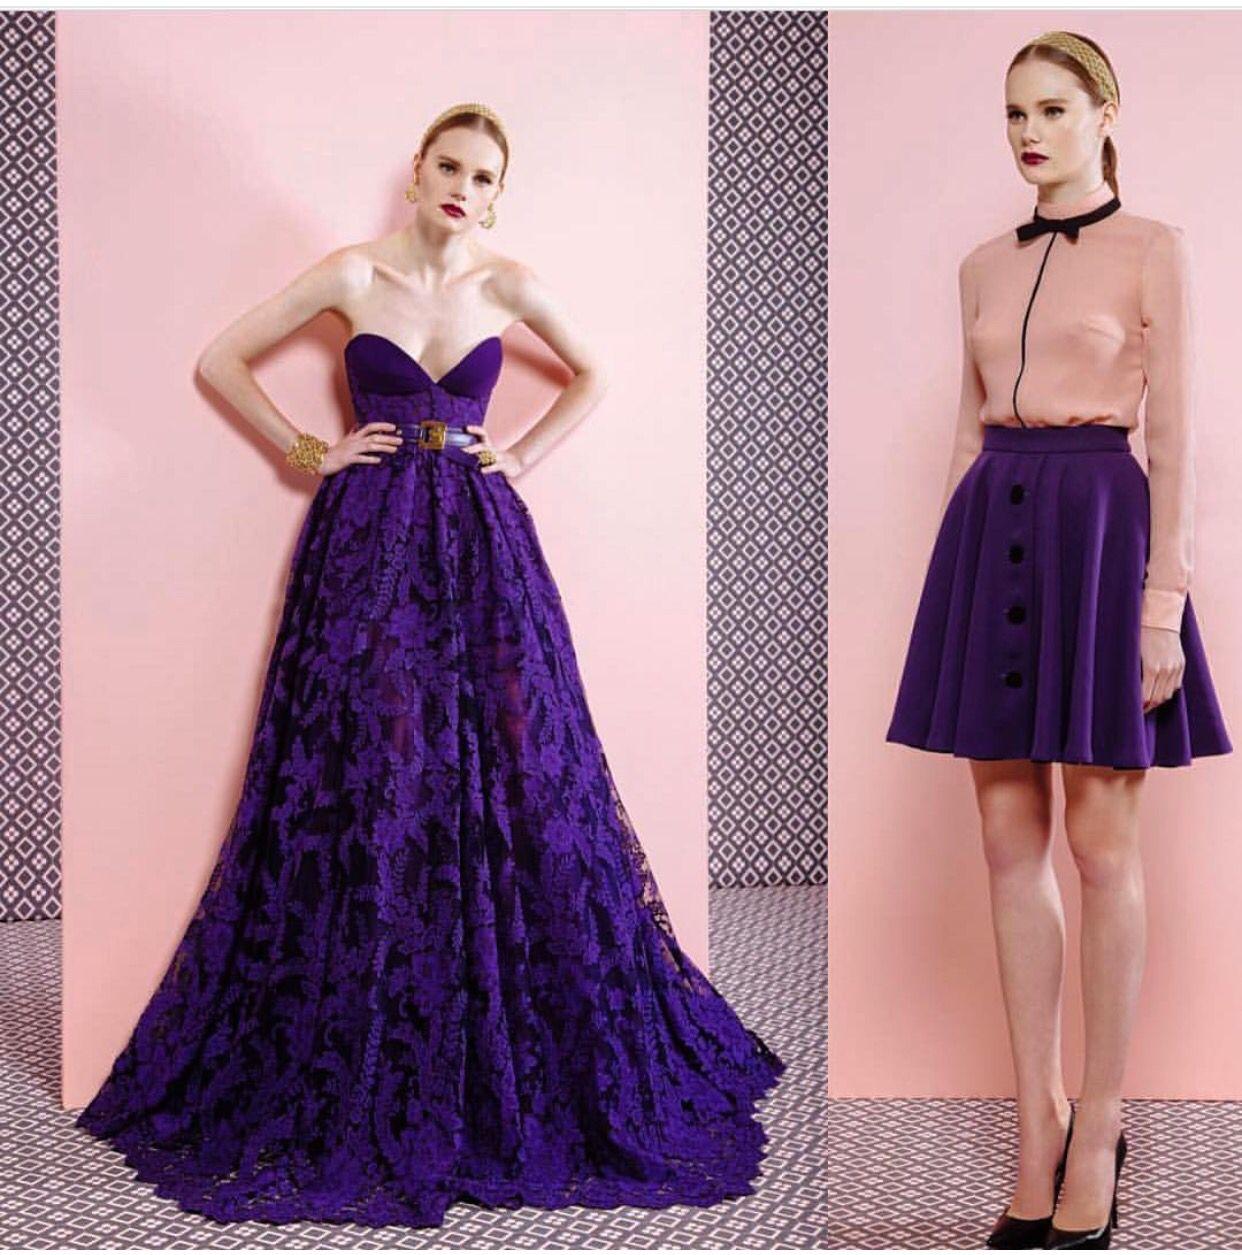 Vestido morado | Bridesmaid | Pinterest | Vestido morado y Vestiditos